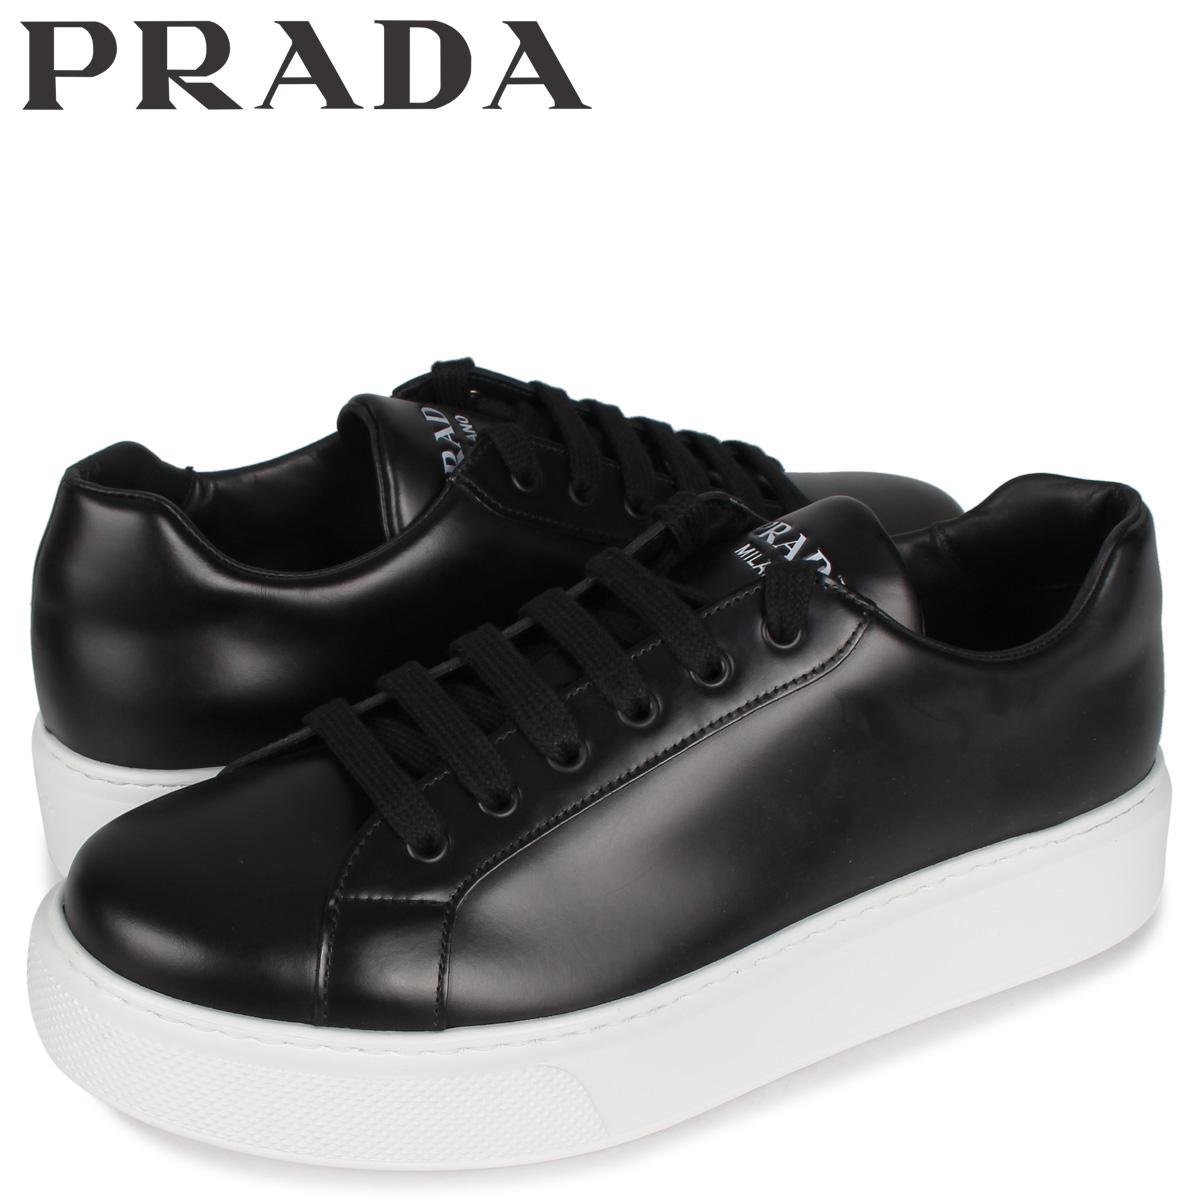 プラダ PRADA スニーカー メンズ NEW SNEAKER FONDO CASSETTA ブラック 黒 4E3489 [5/4 新入荷]